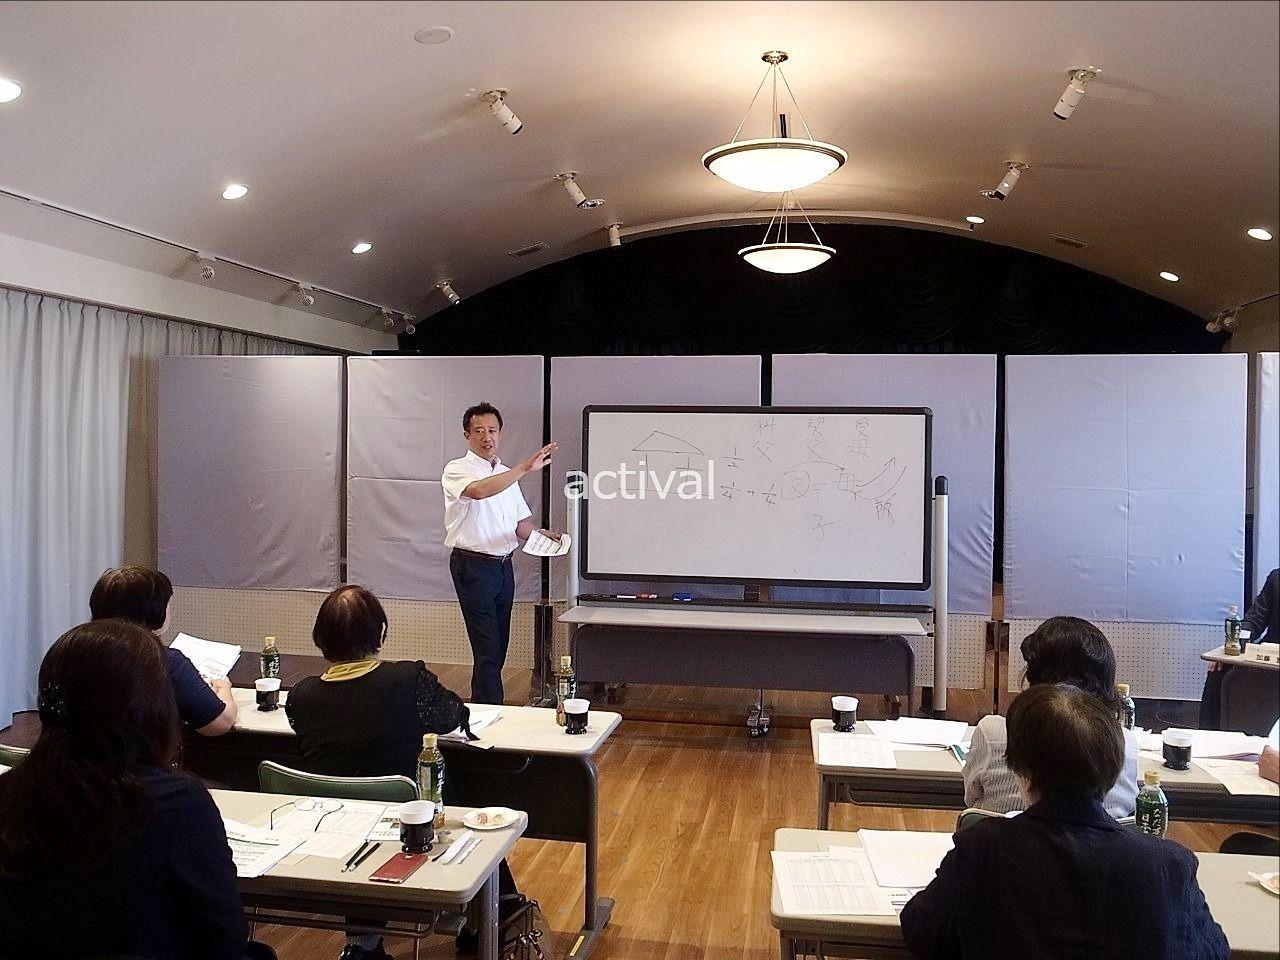 越谷の不動産会社アクティバルの第2回相続対策セミナー